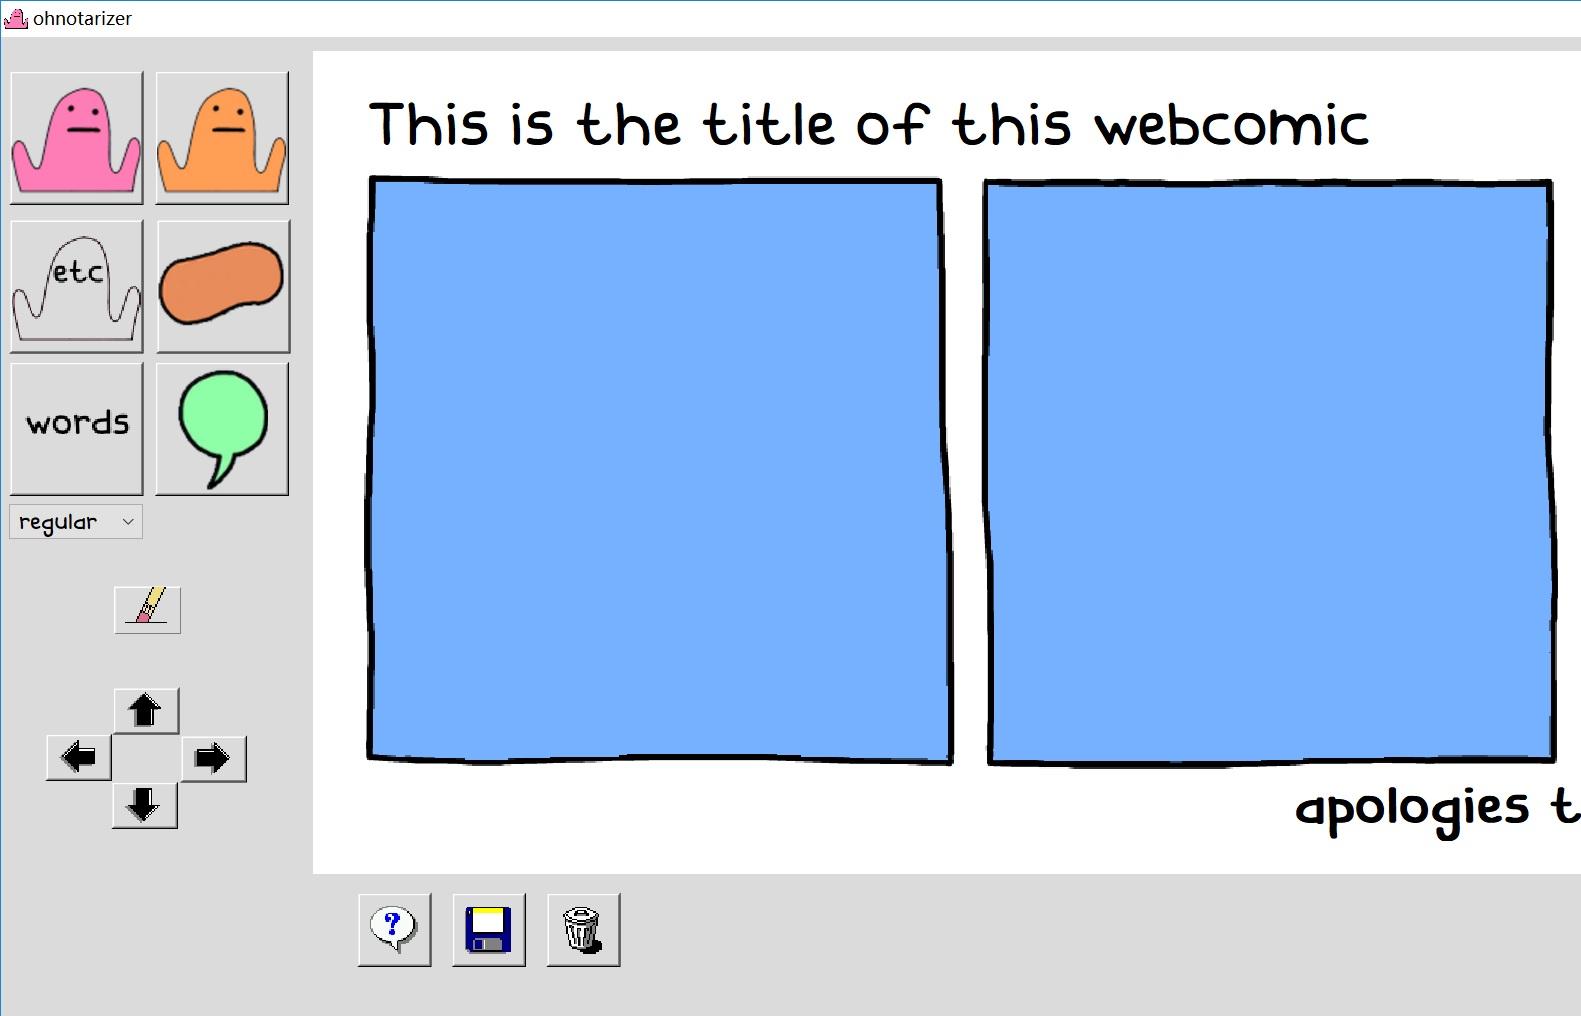 漫画制作软件 Ohnotarizer破解版 v1.0.0 绿色中文破解版(免激活码)